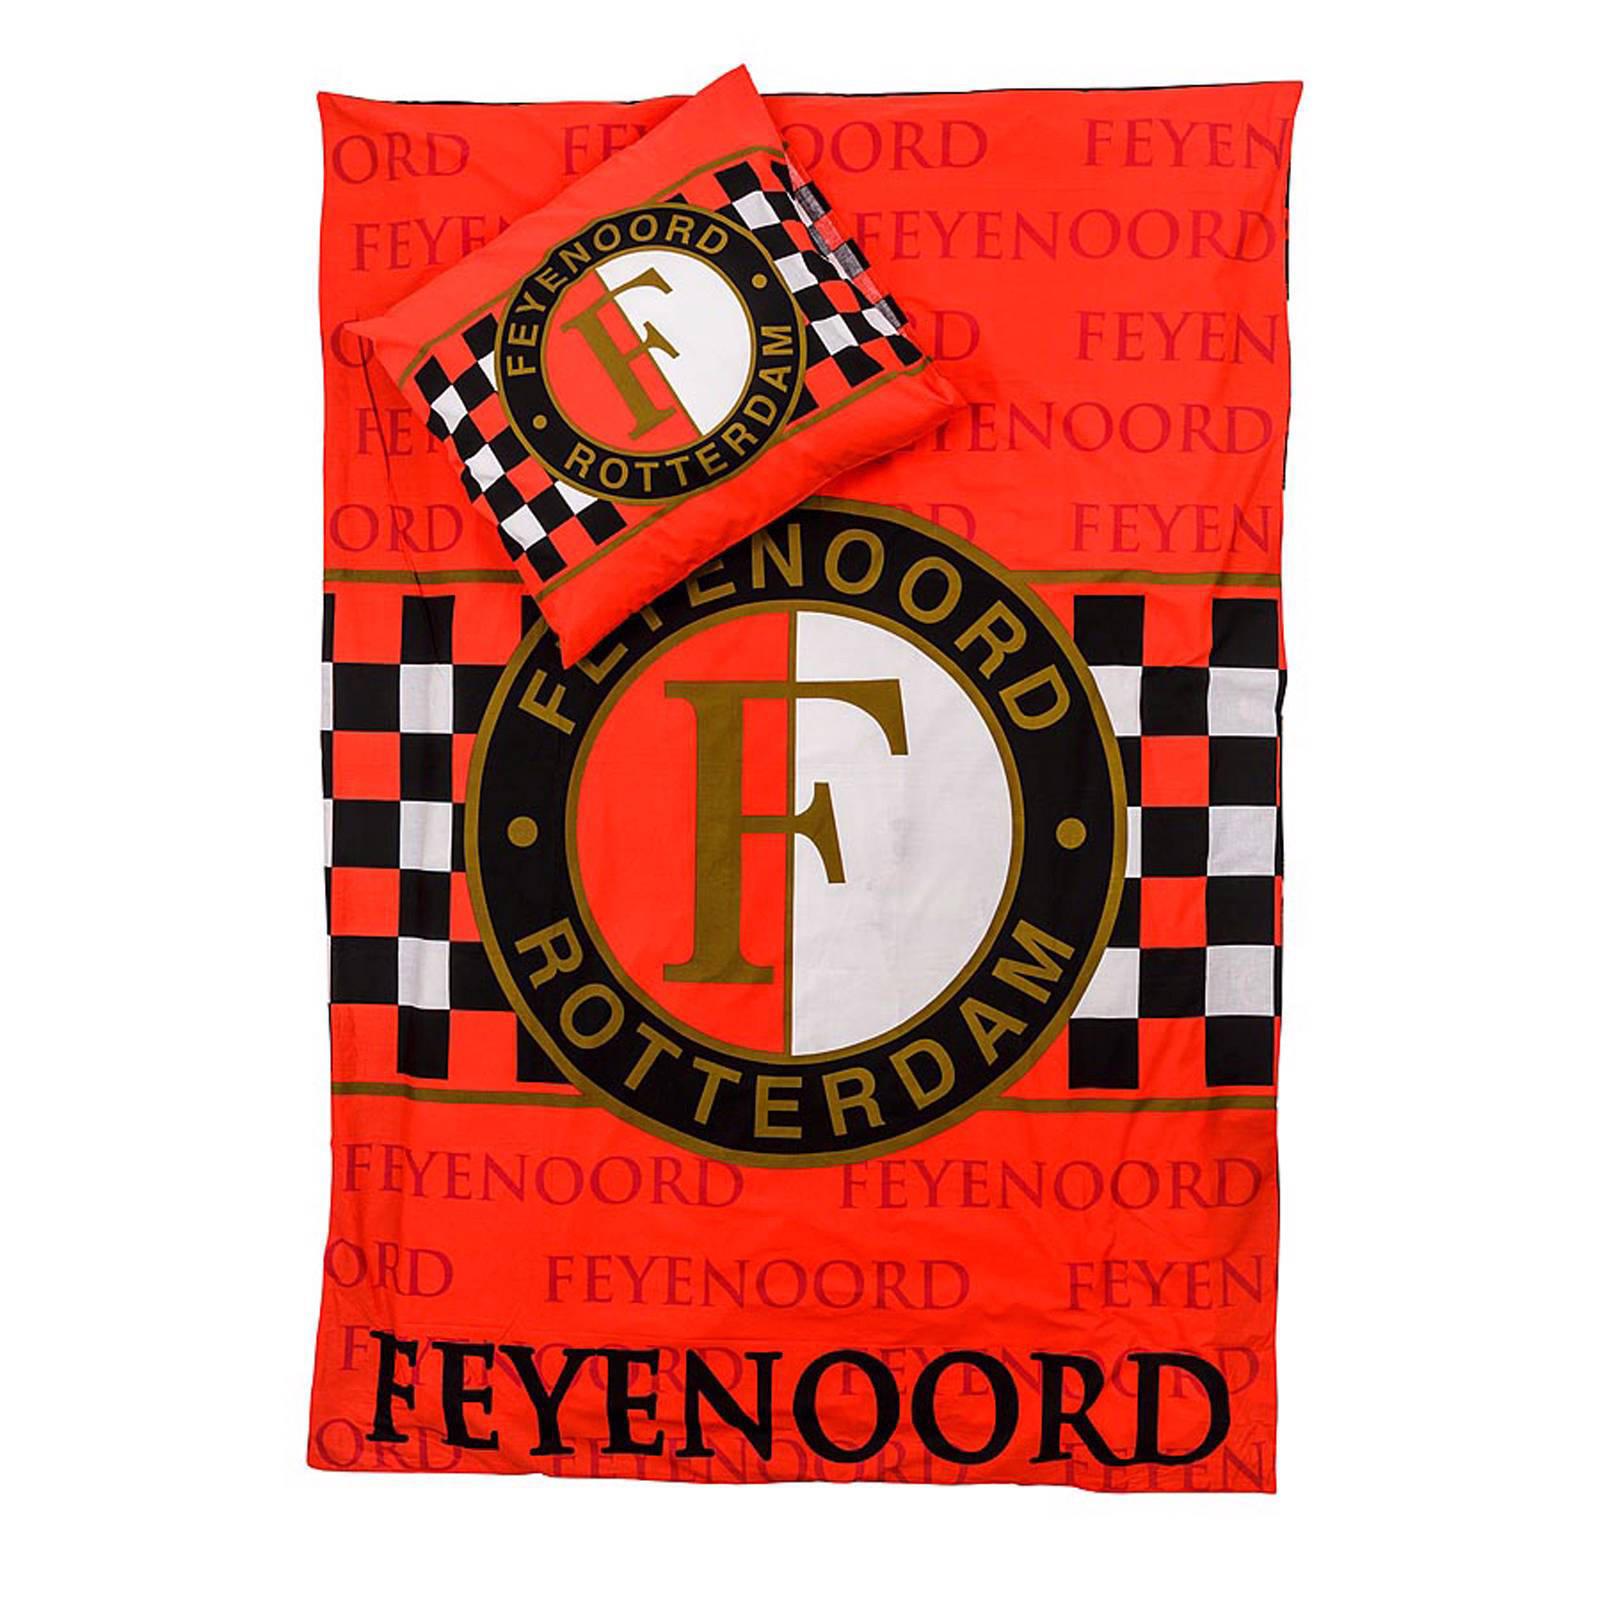 https://images.wehkamp.nl/i/wehkamp/959128_eb_01/feyenoord-katoenen-dekbedovertrek-1-pers-rood-8719214450458.jpg